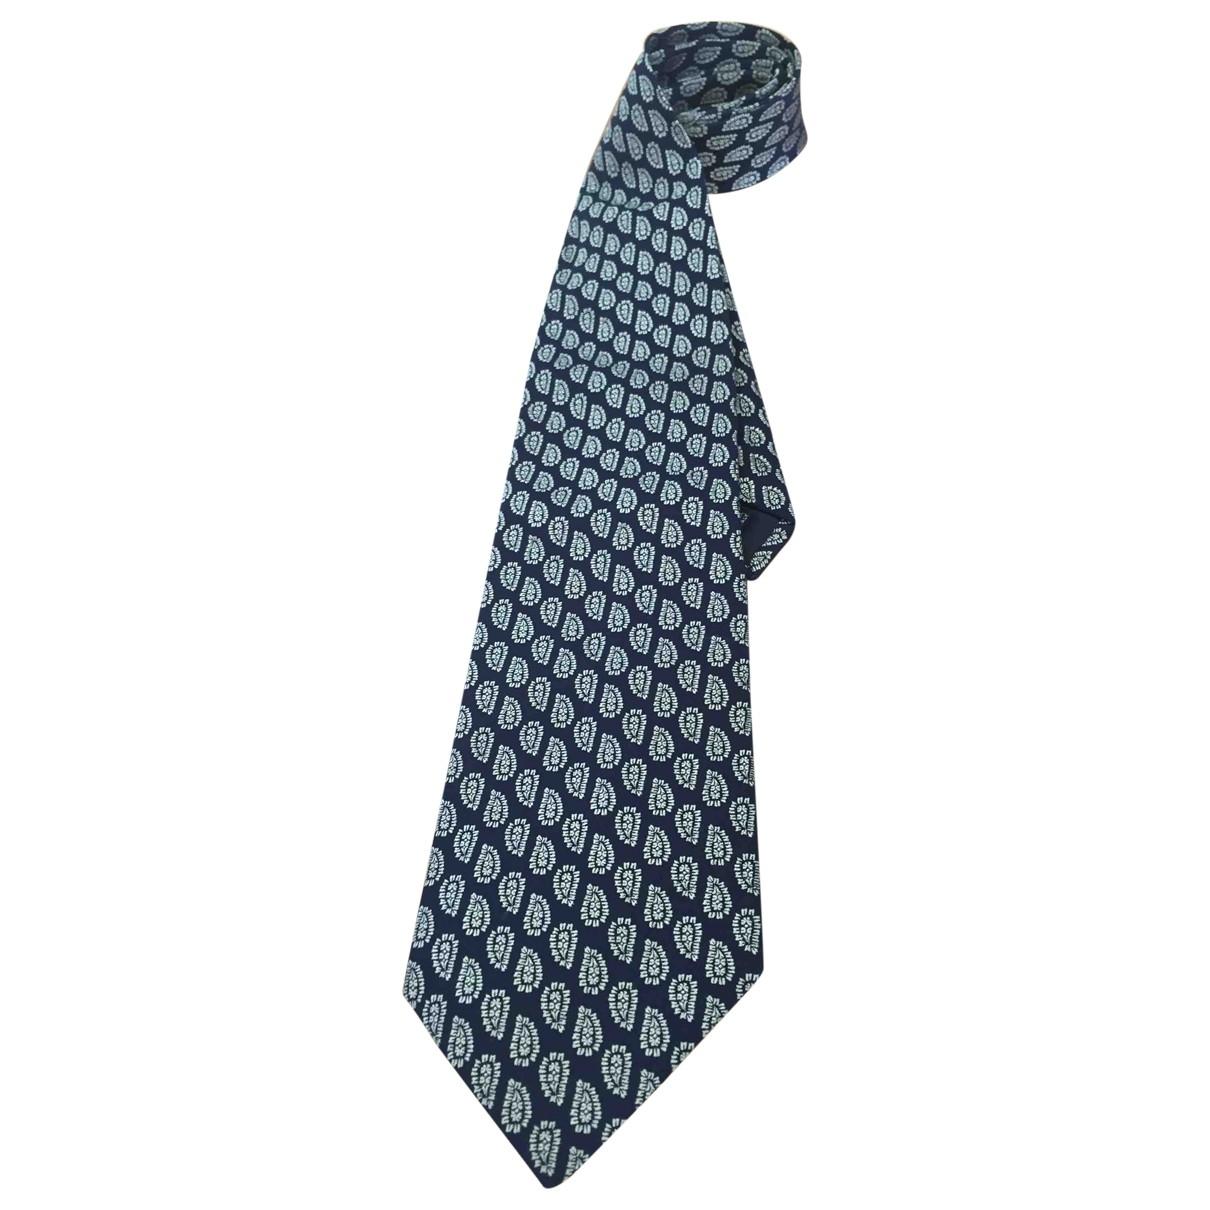 Francesco Smalto - Cravates   pour homme en soie - marine